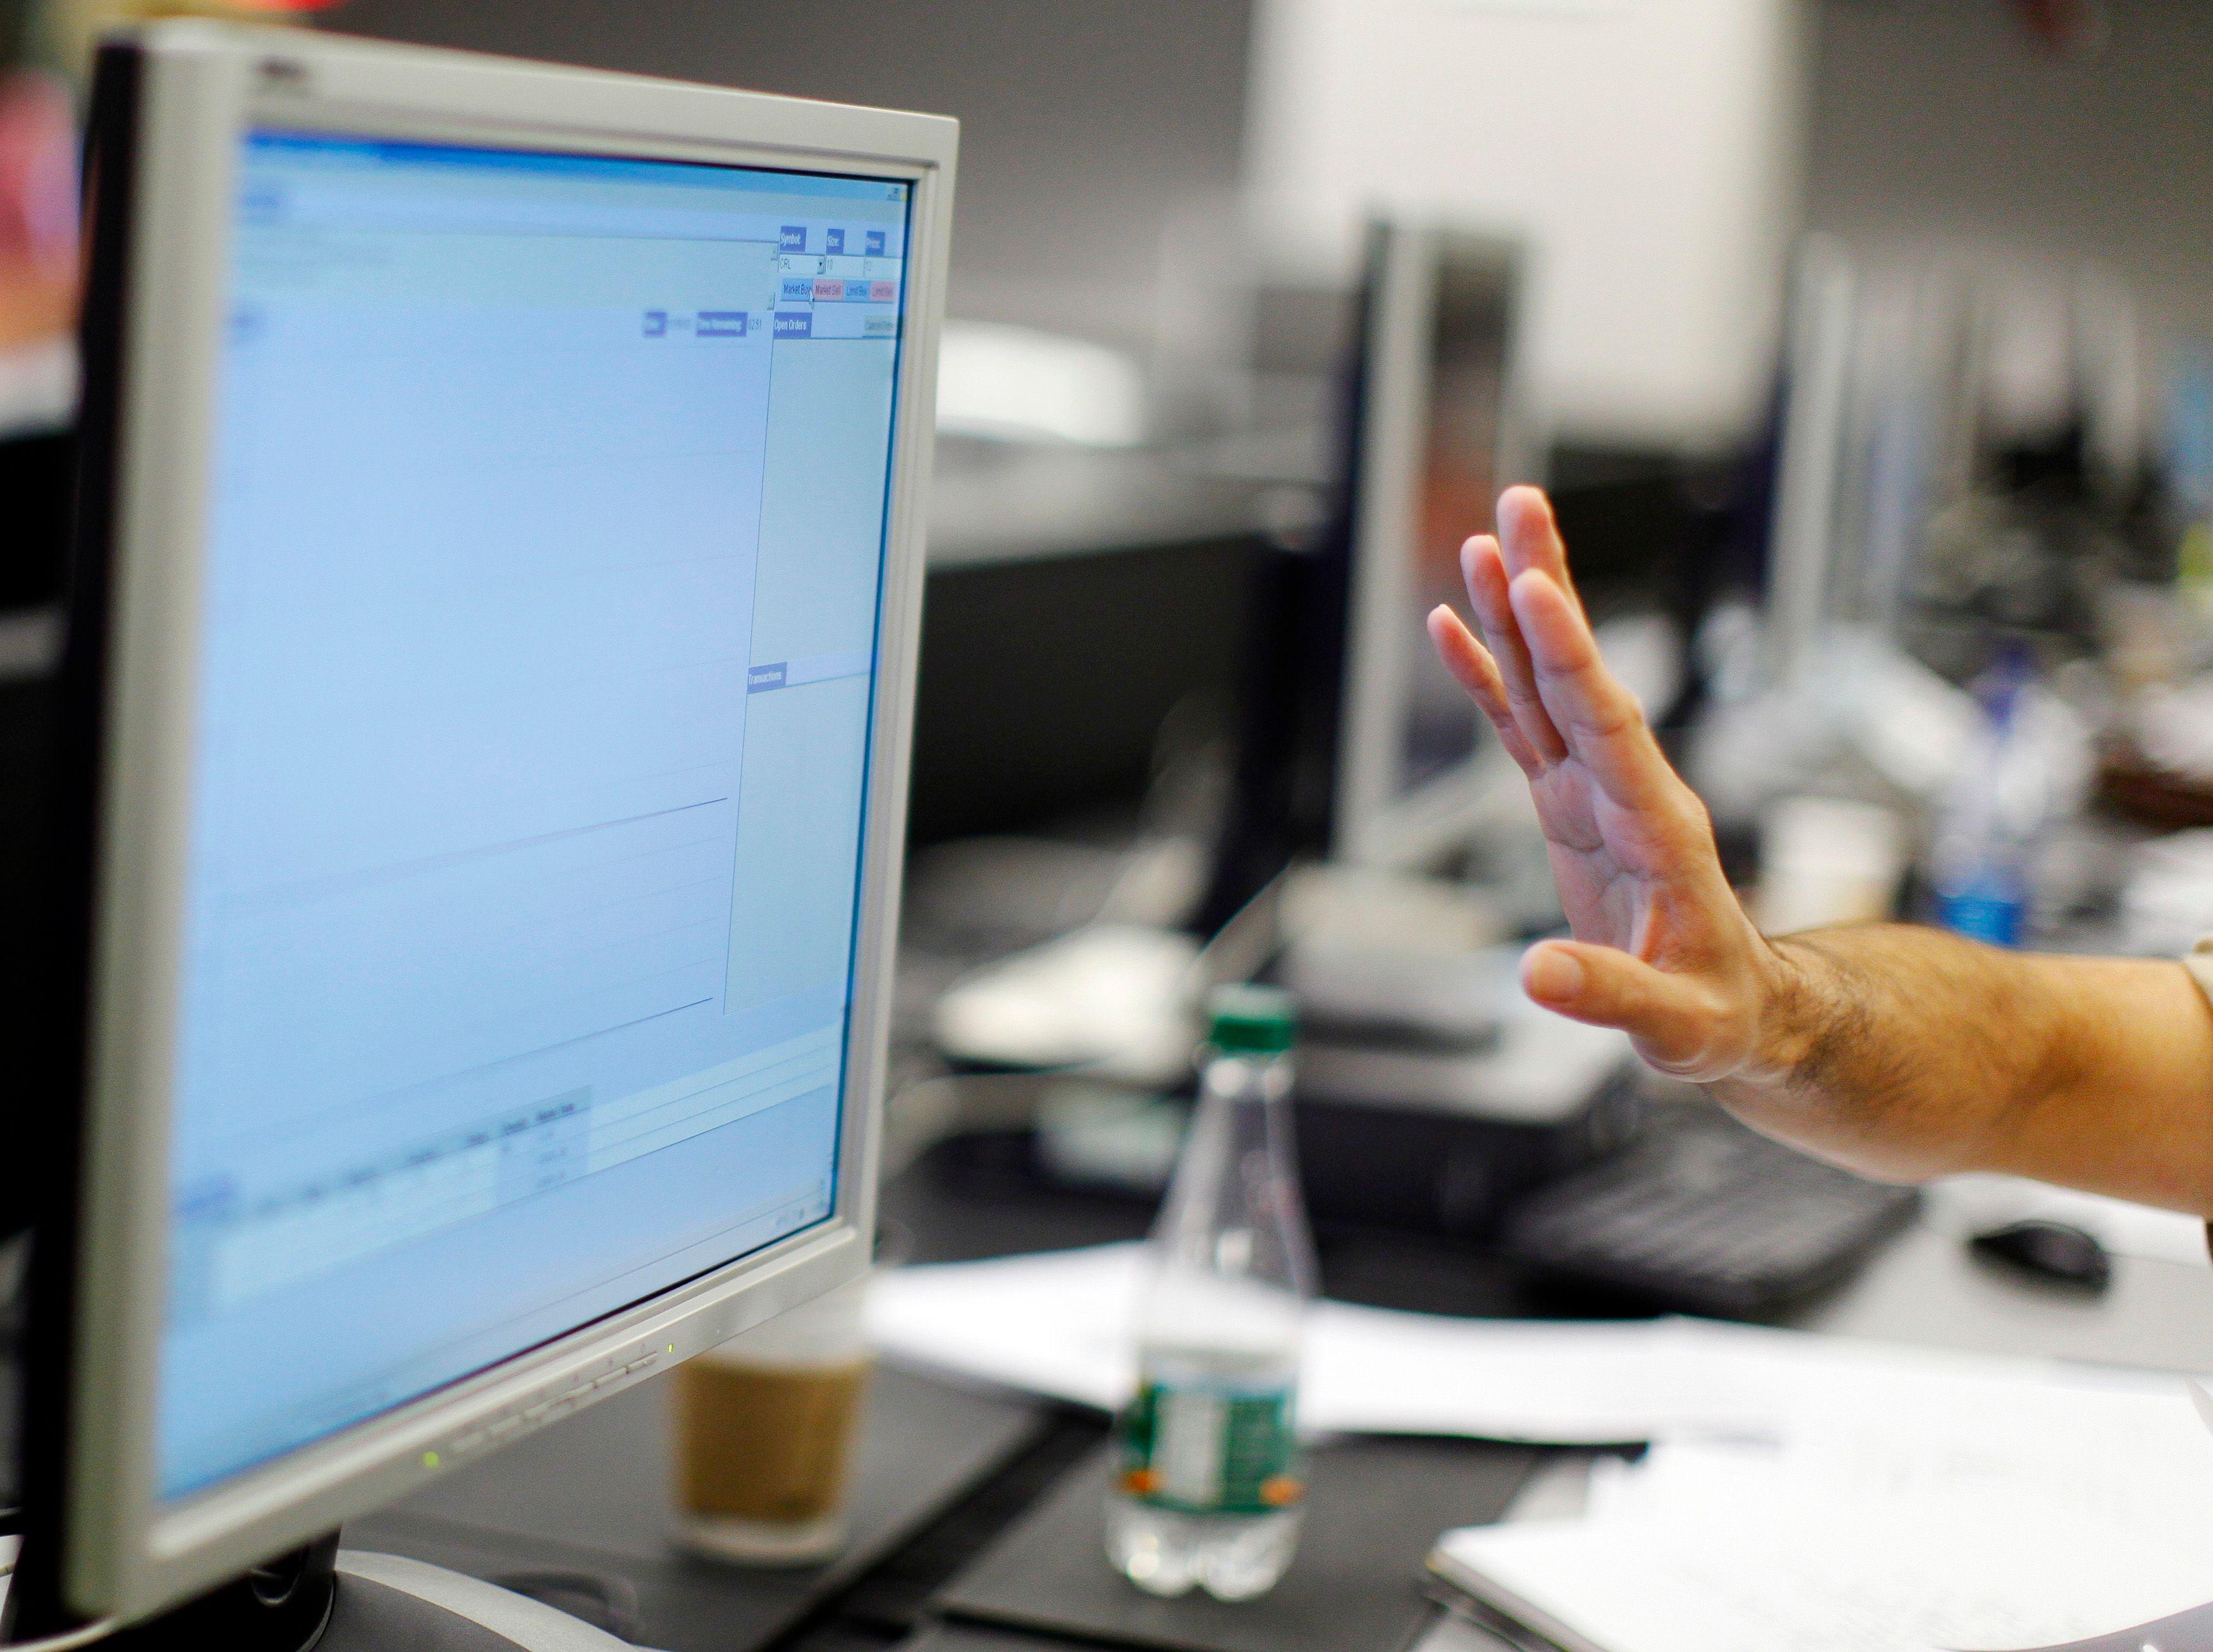 Une adolescente a donné des milkshakes aux somnifères à ses parents pour pouvoir surfer plus longtemps sur le Web.